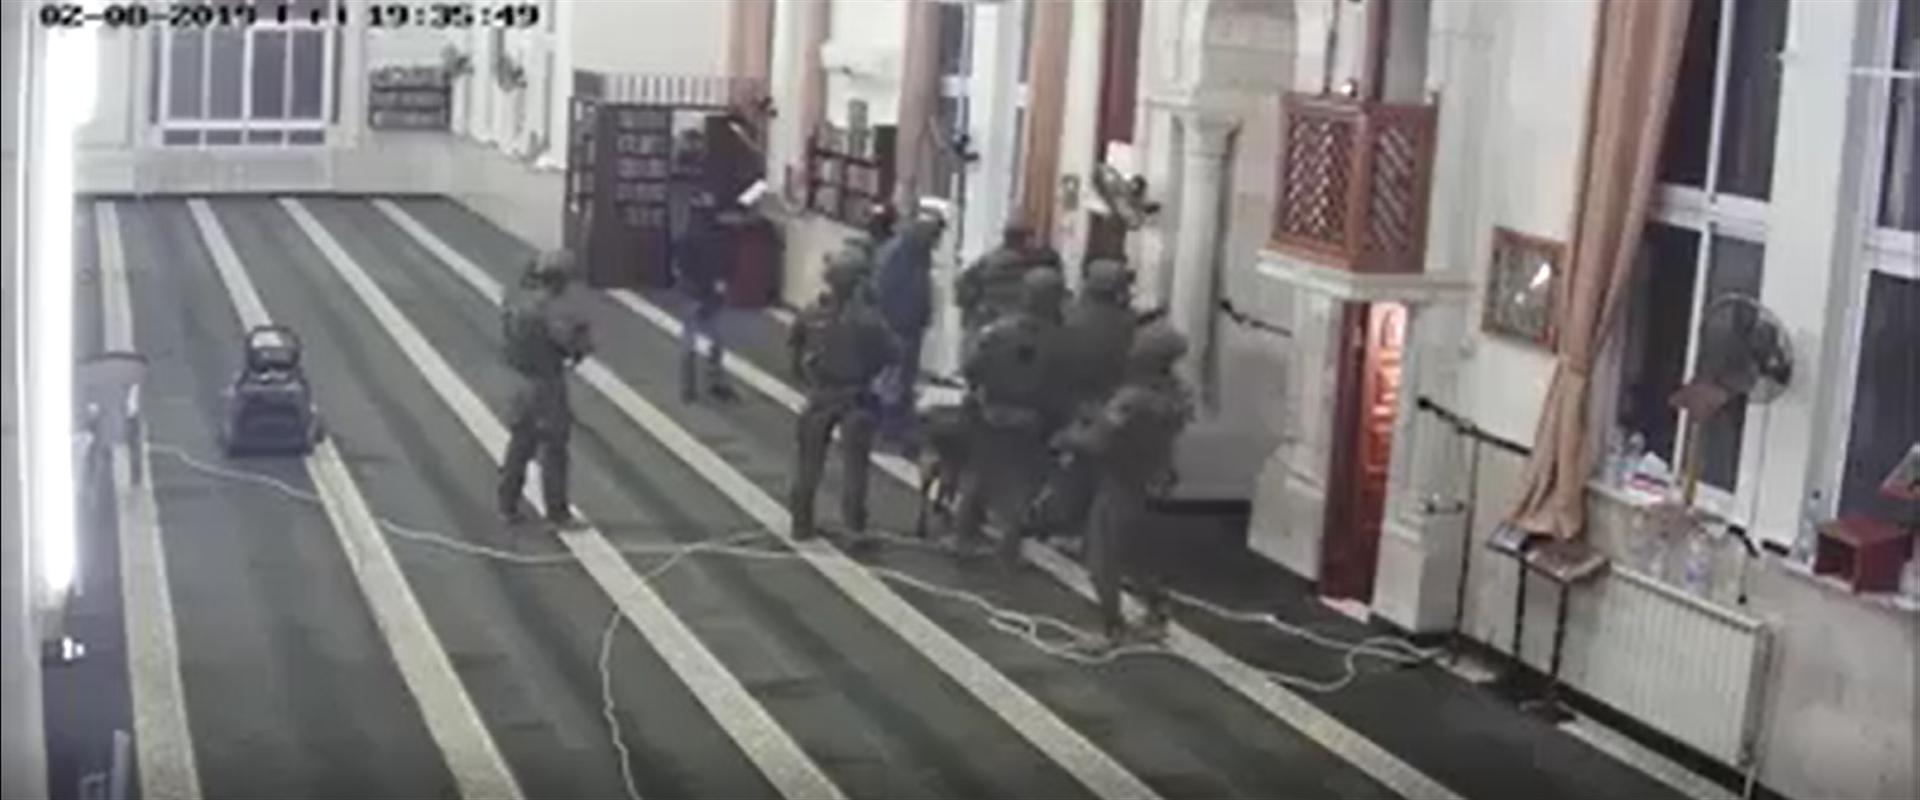 מתוך הסריקות במסגד עבד אל-נאסר ברמאללה